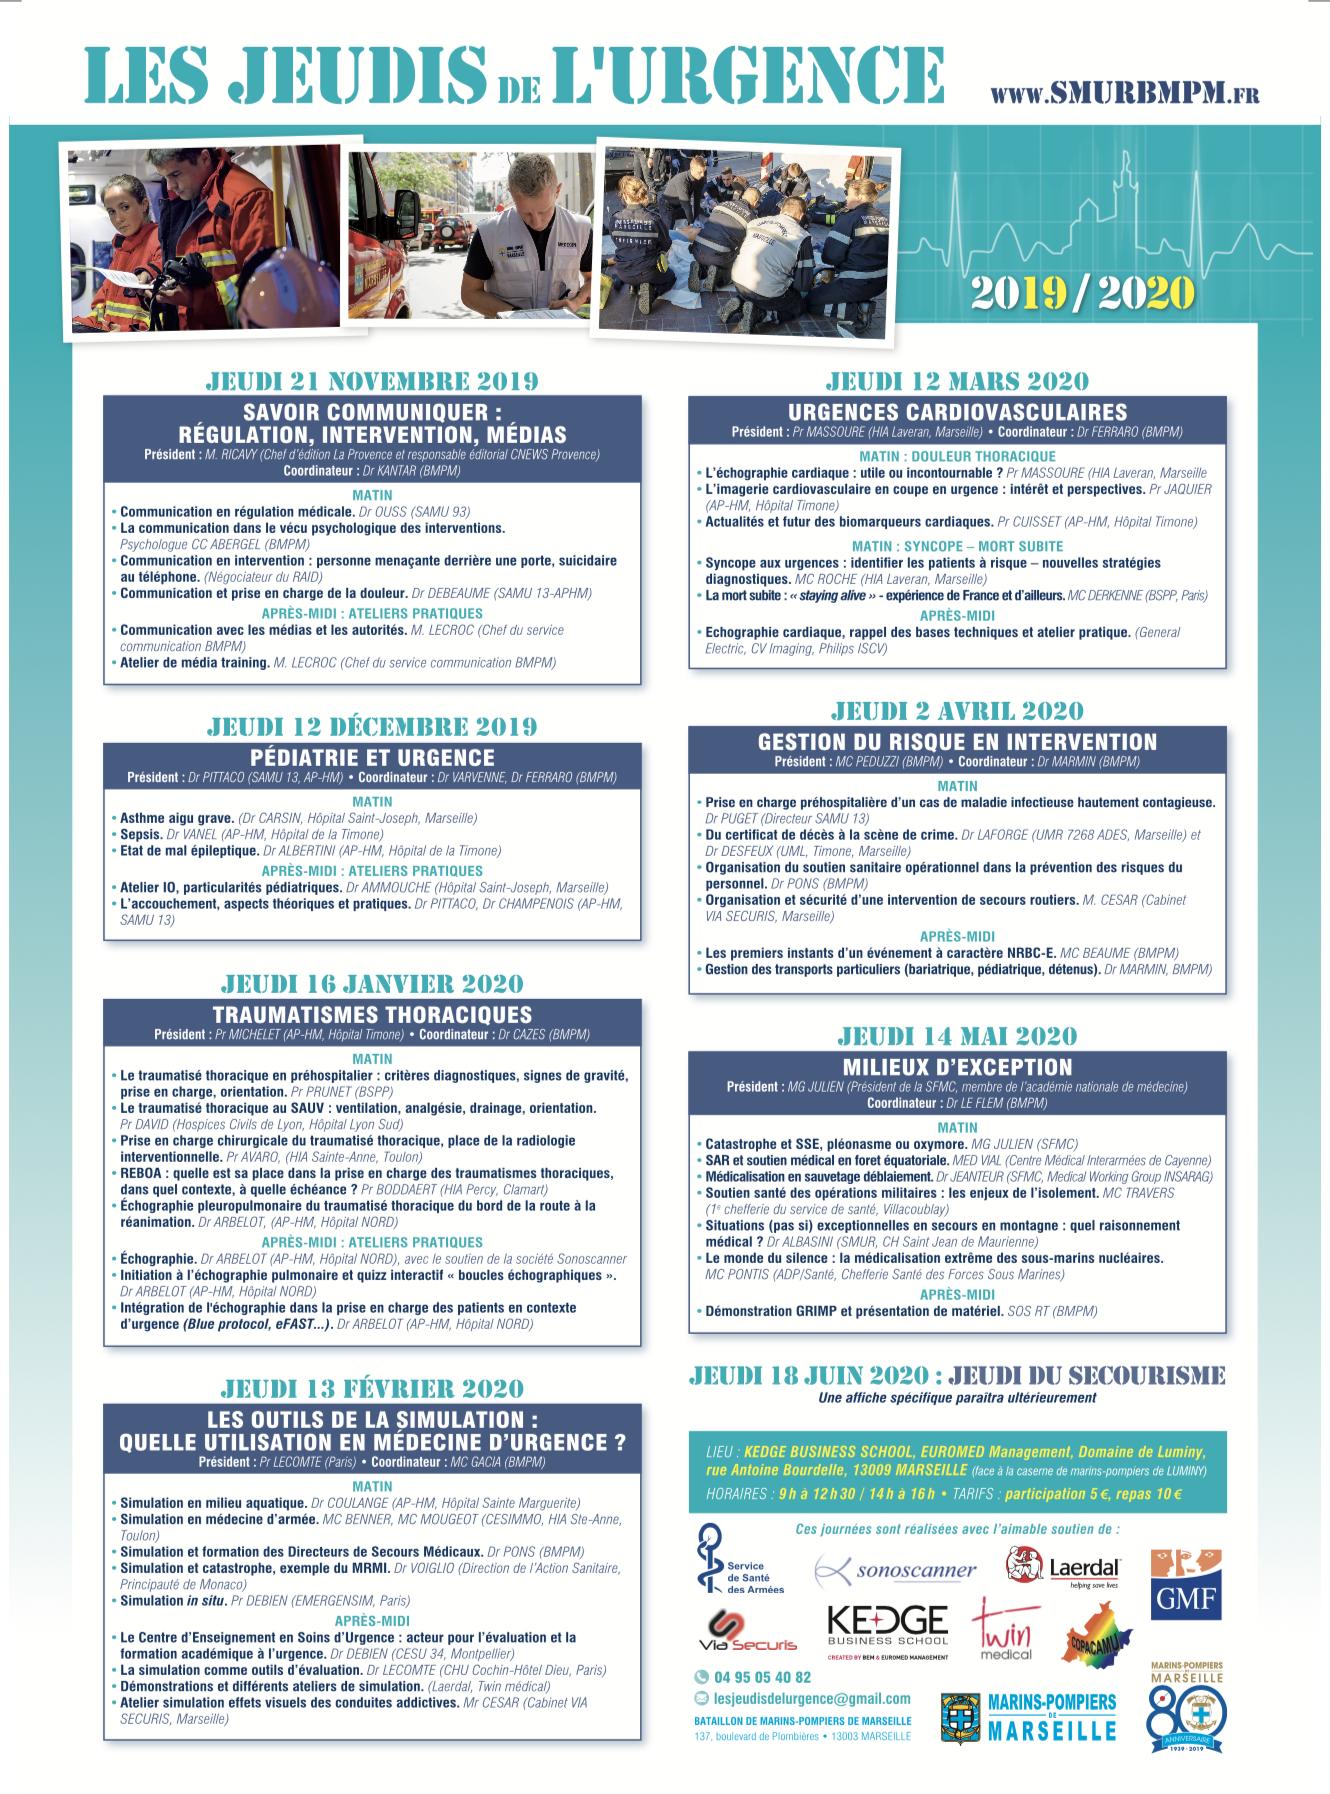 Le programme 2019-2020 des Jeudis de l'Urgence